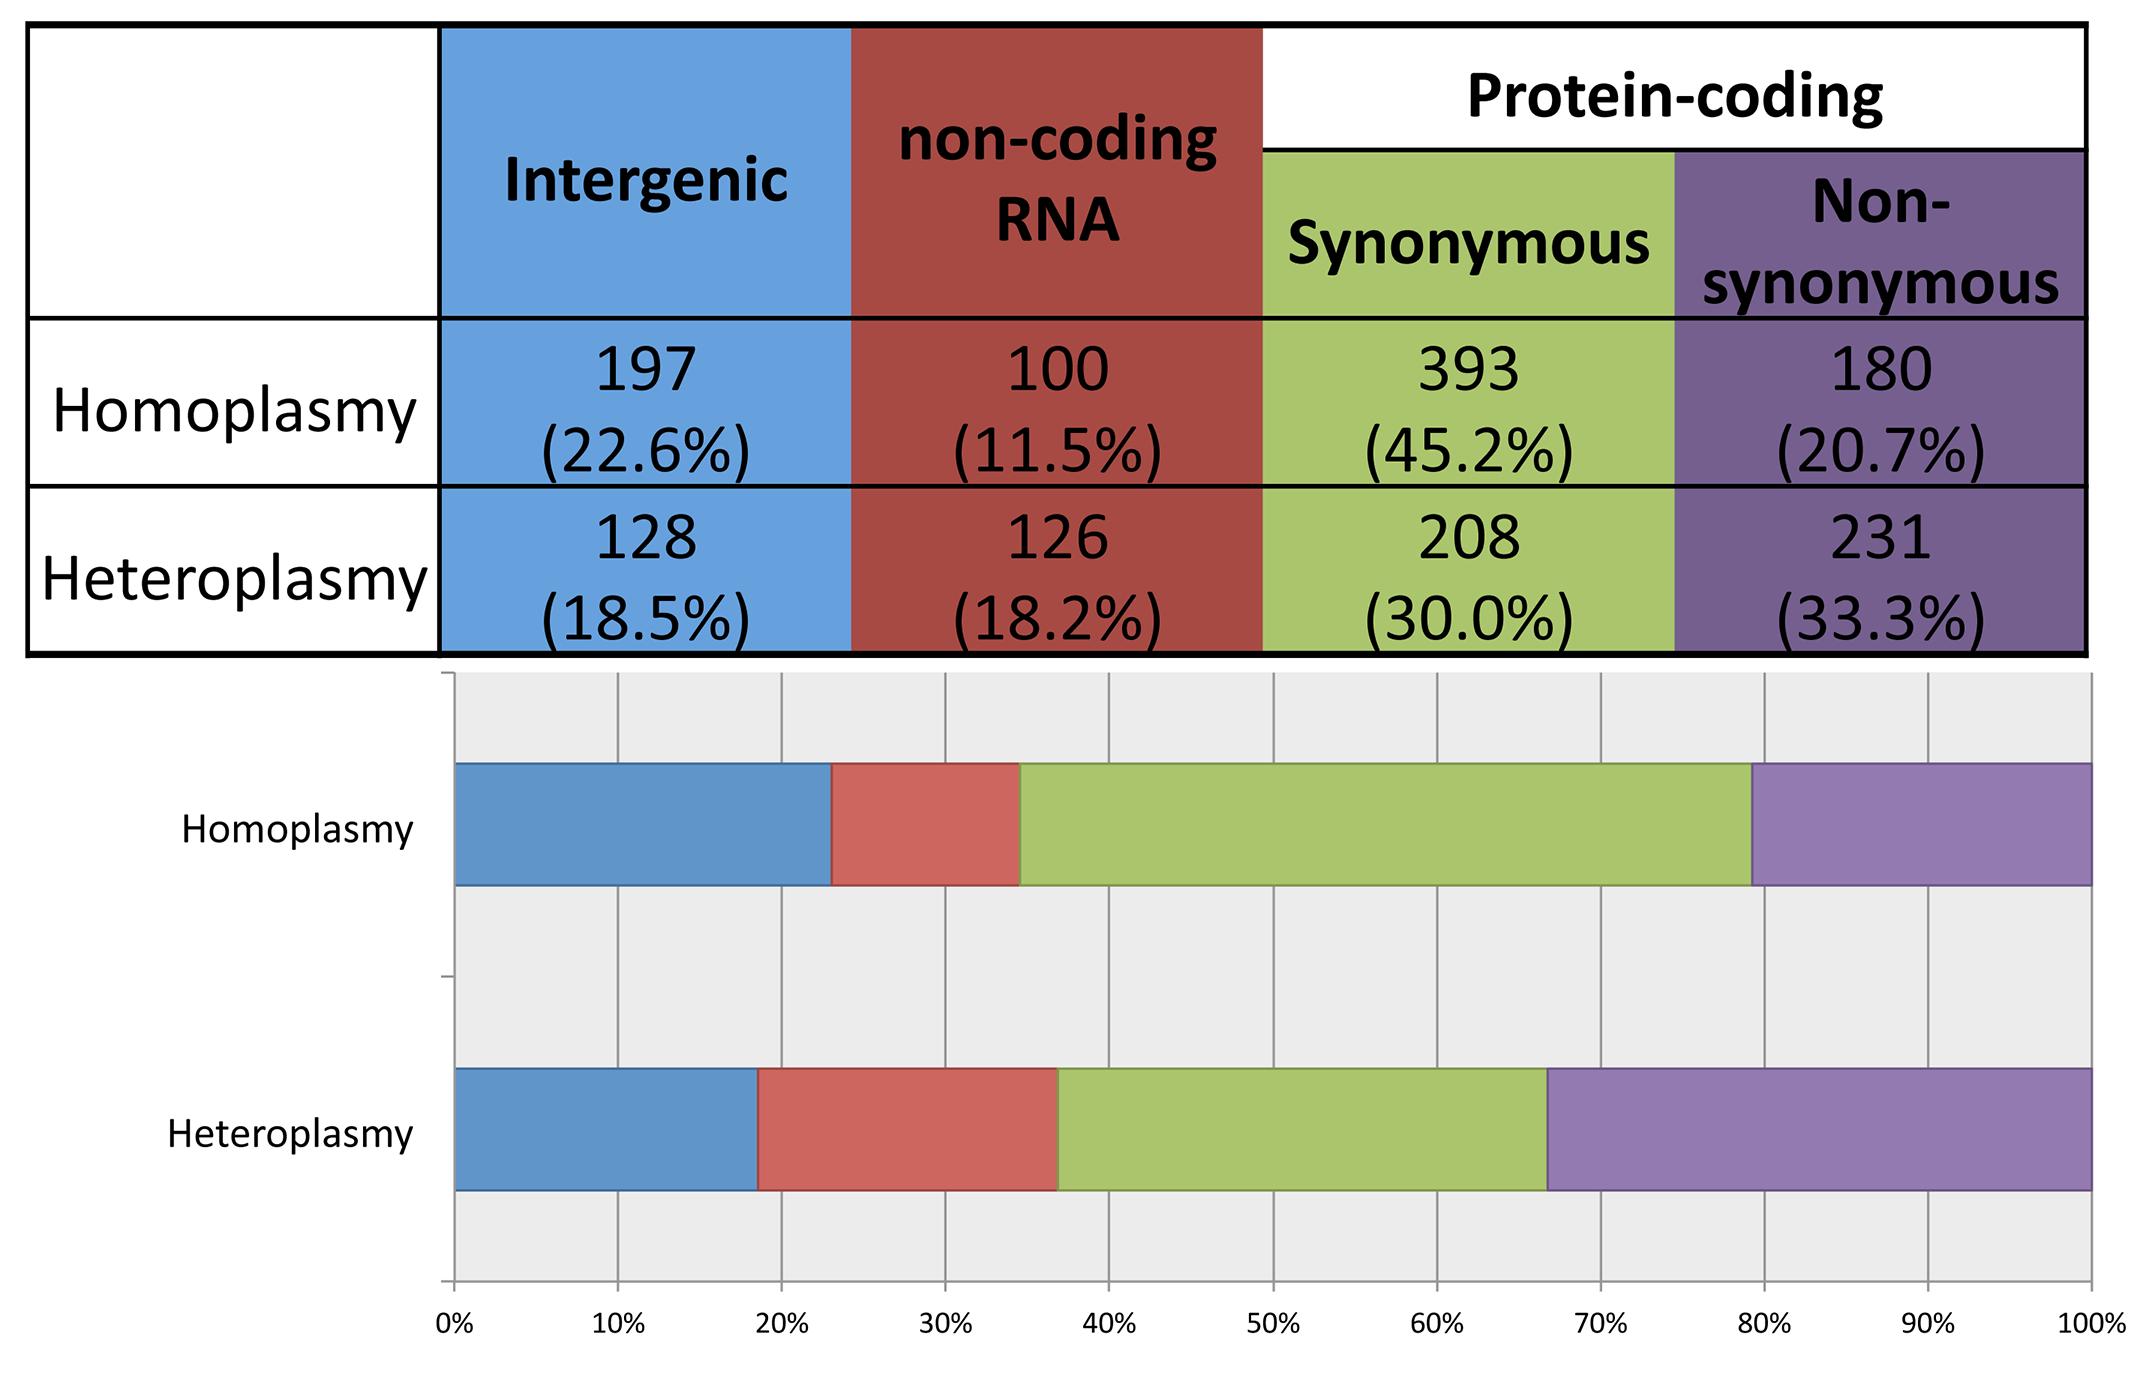 Distribution of homoplasmies and heteroplasmies in four functional categories.